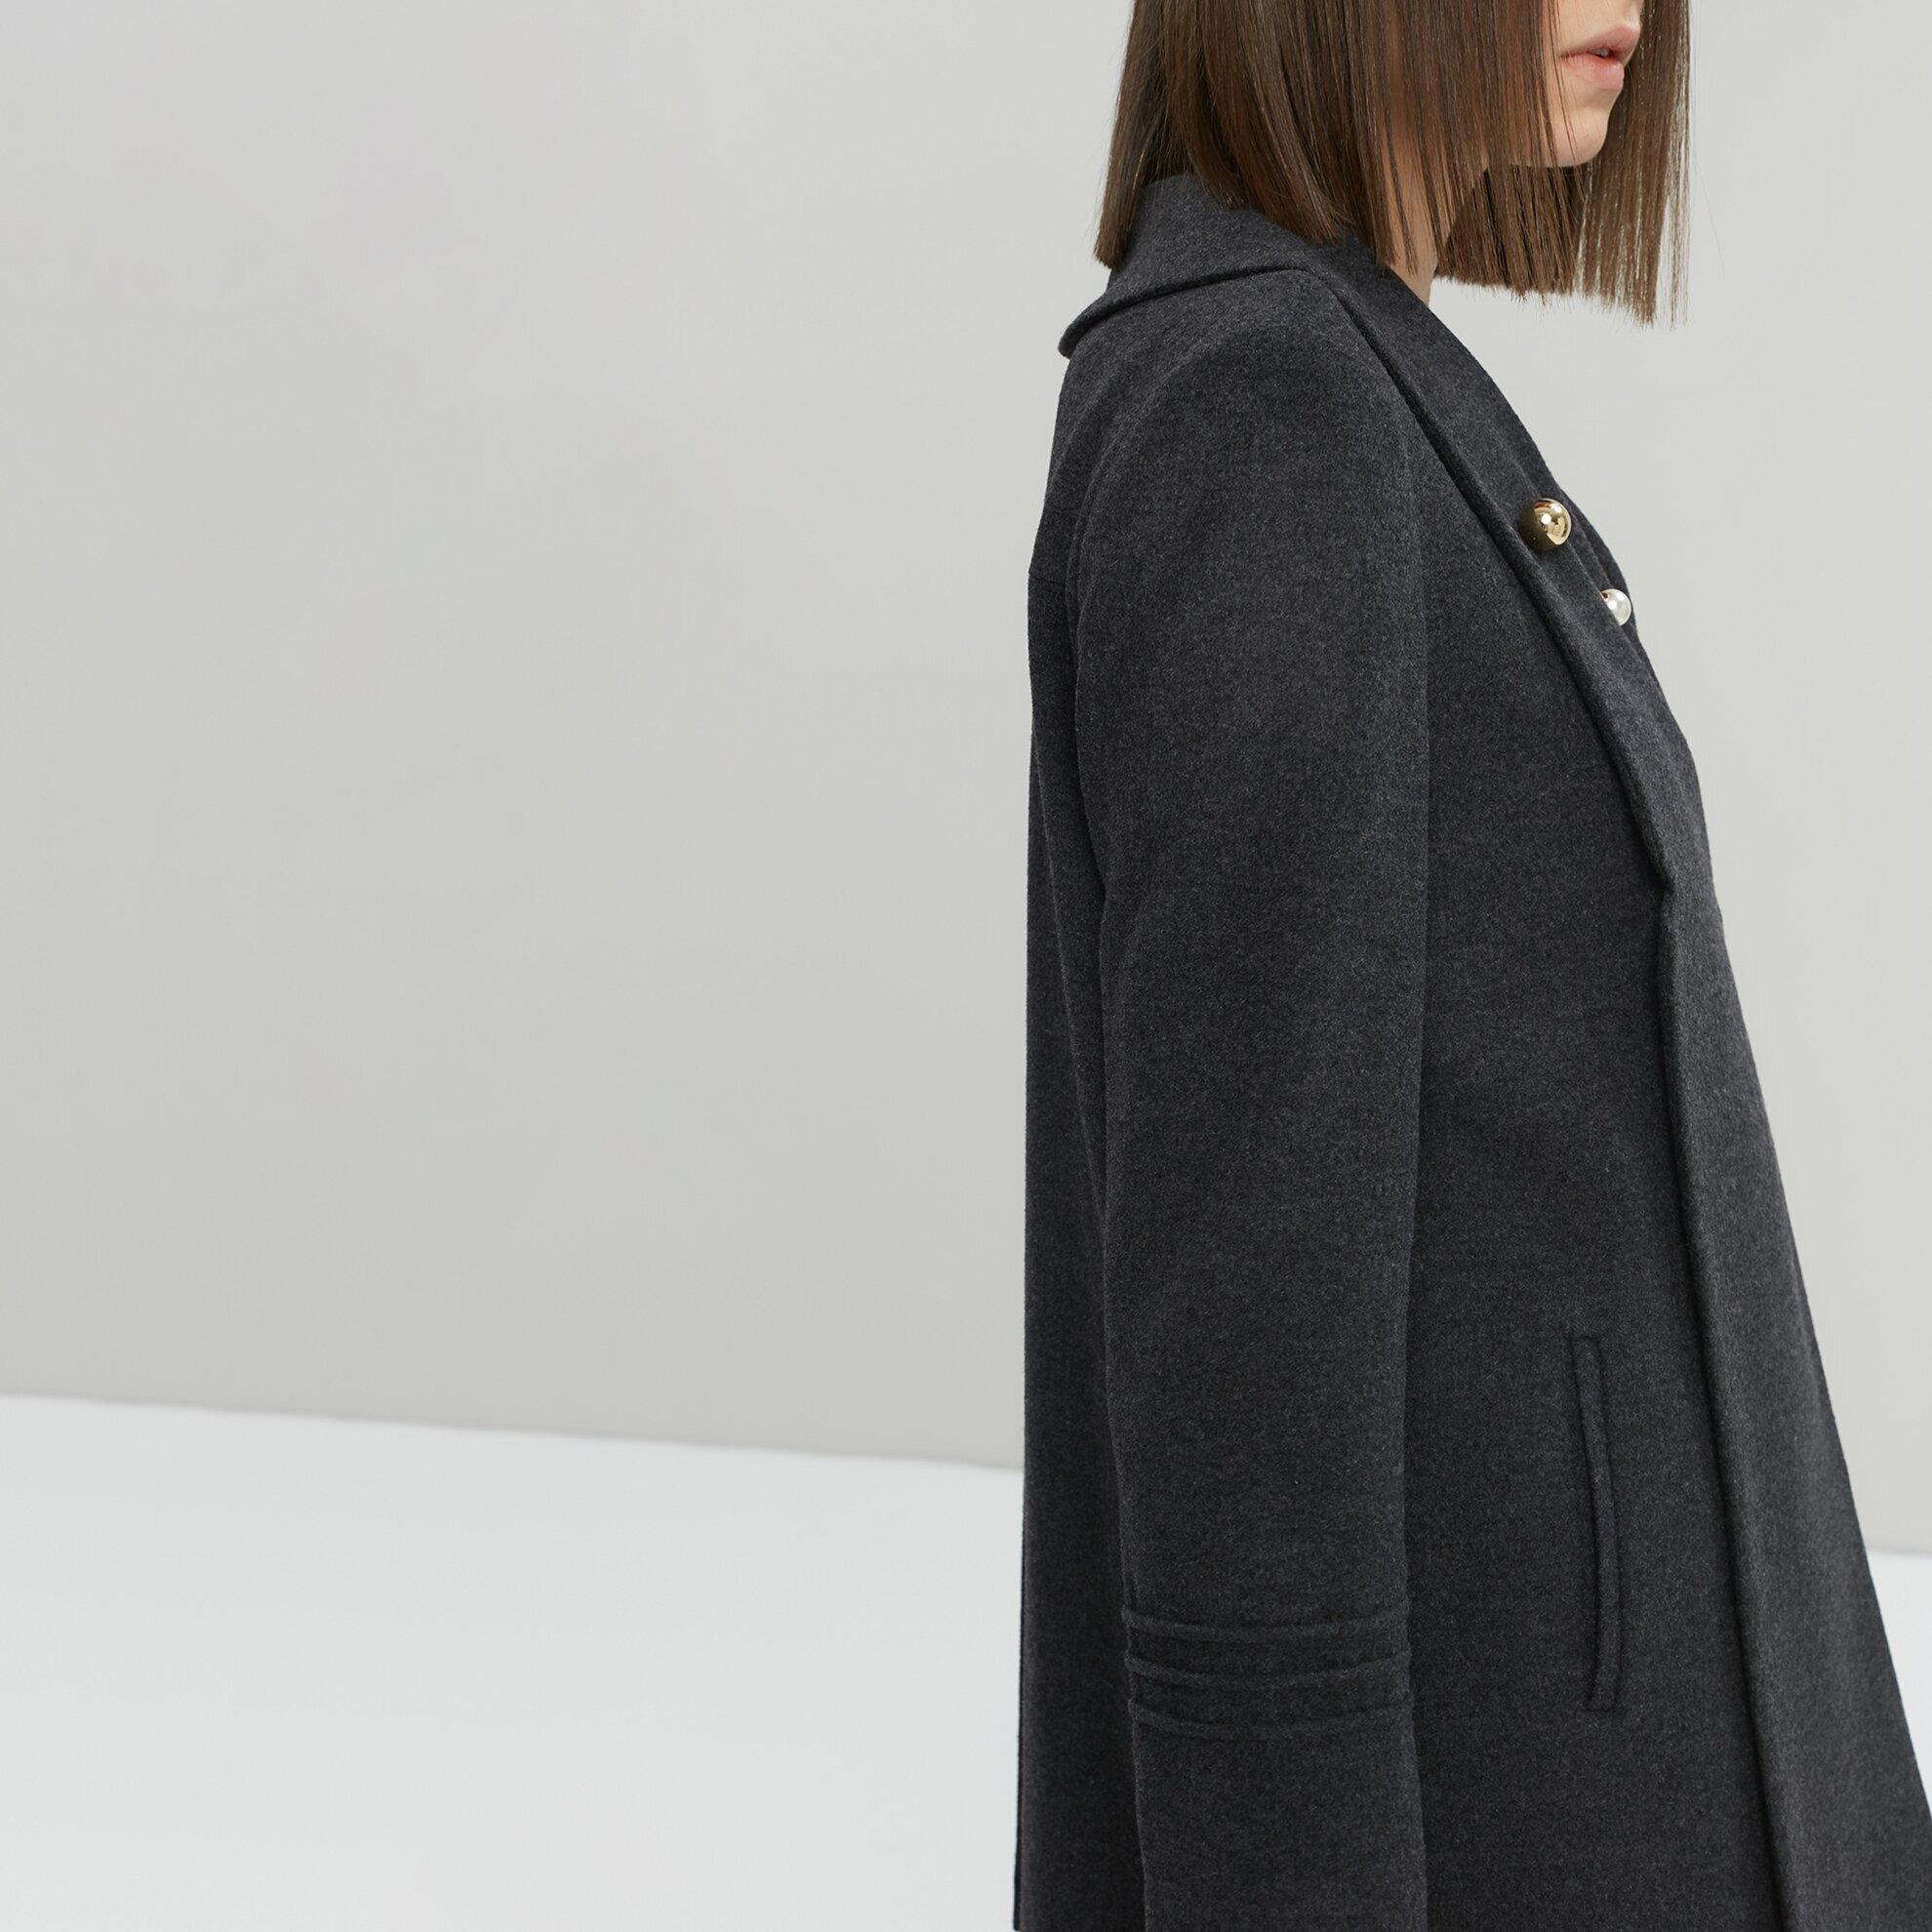 Mantel mit Plissee Falten Damen kurz wn0N8PkXO